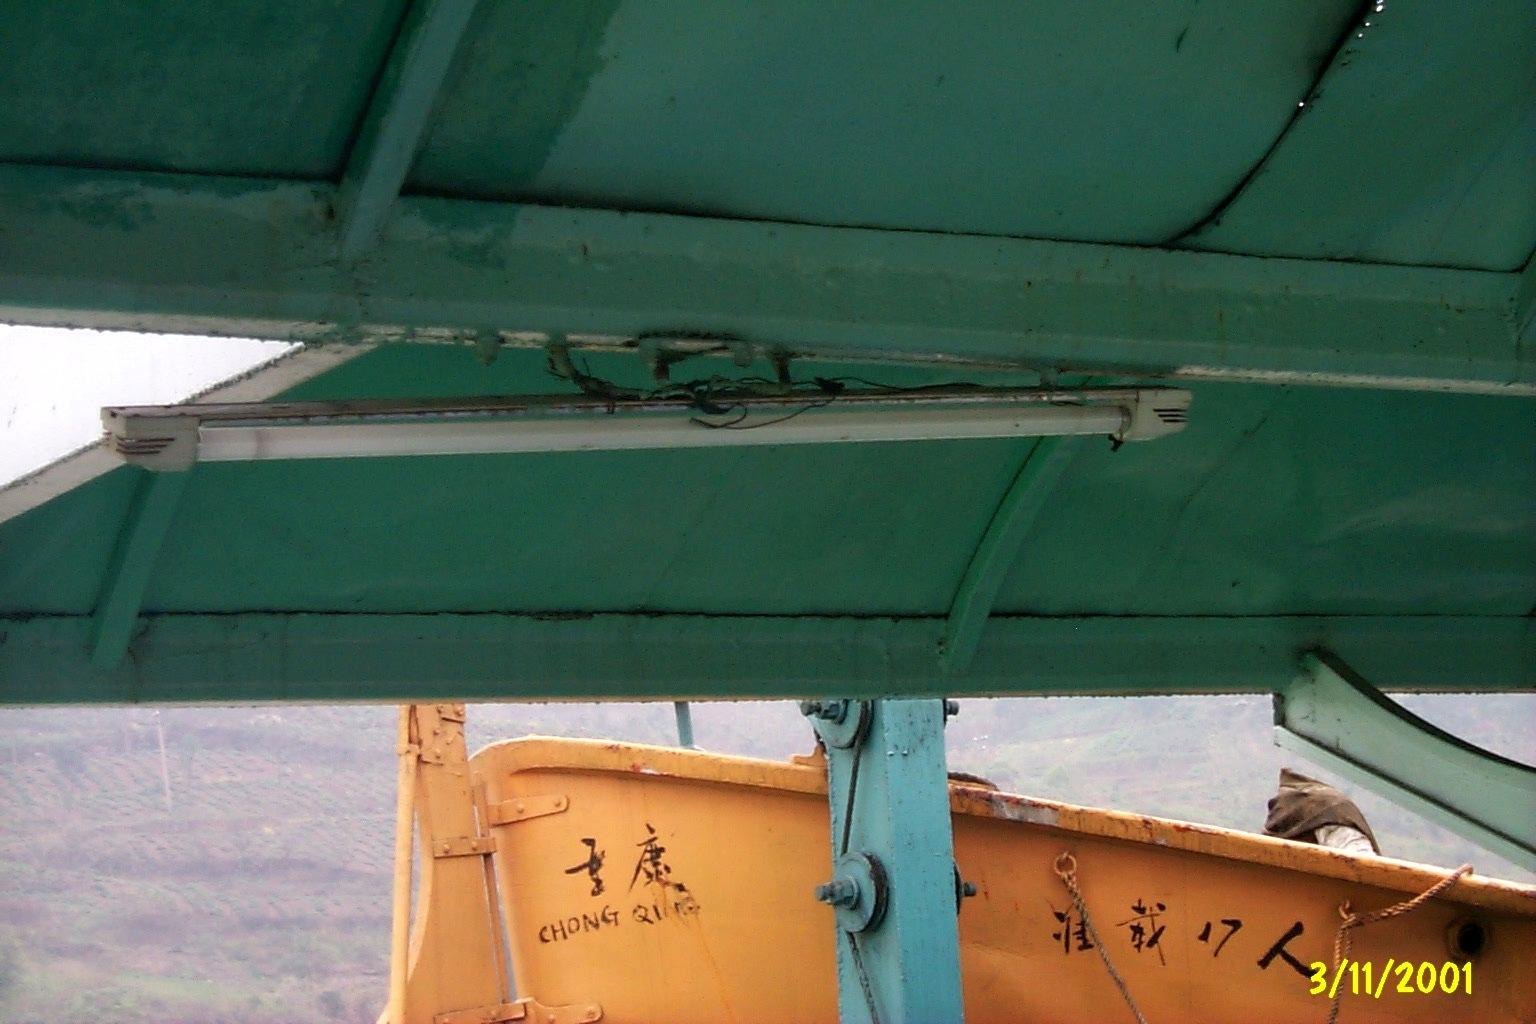 China4a_Schiff_4155